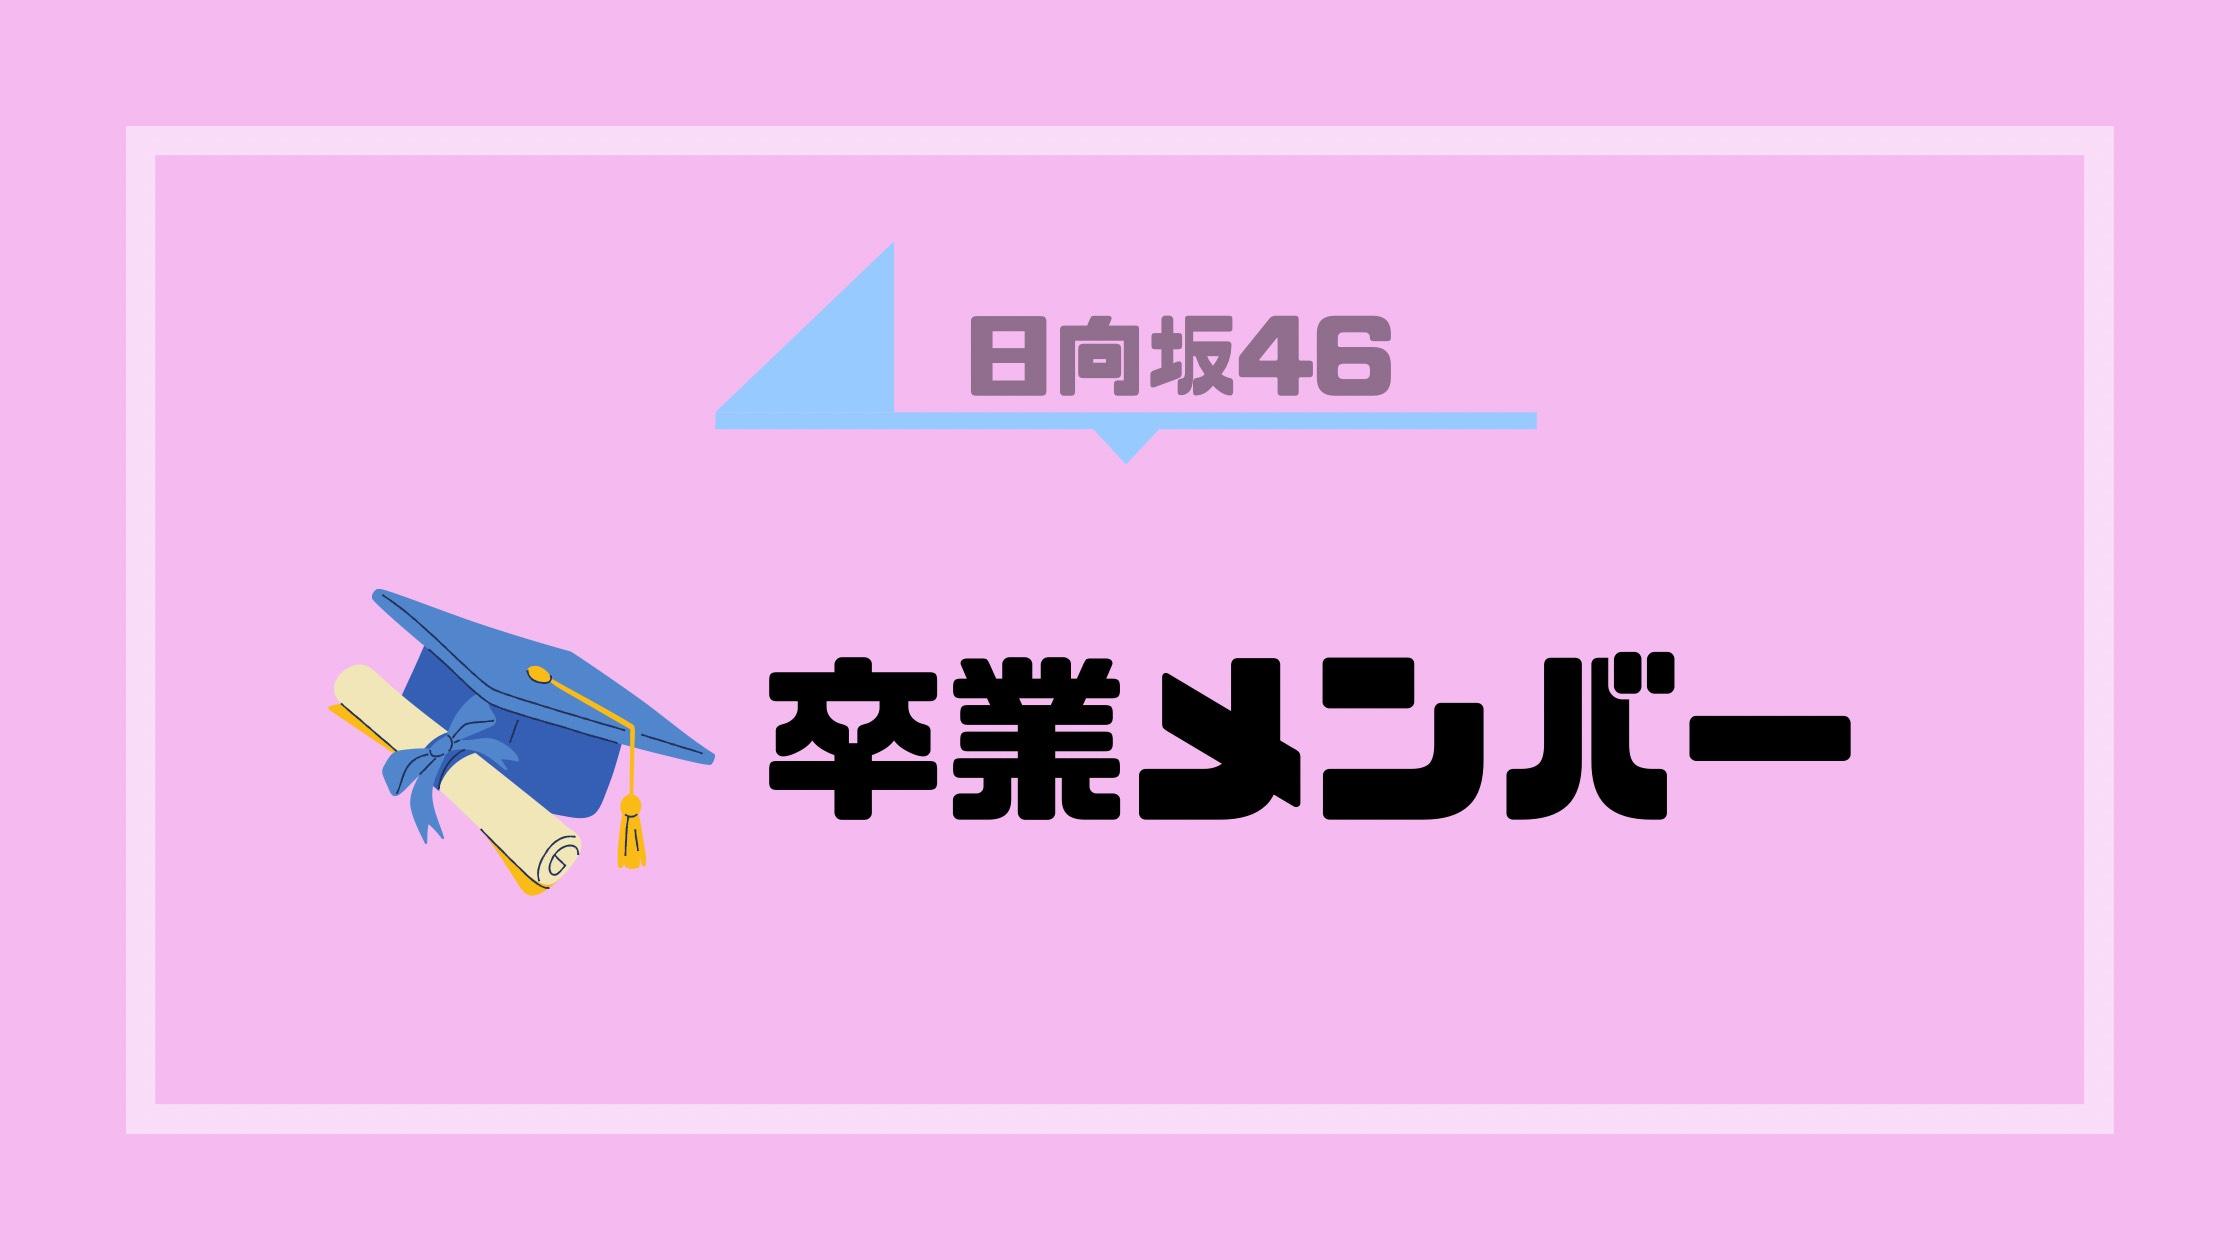 日向坂46を卒業した三期生メンバー【随時更新】